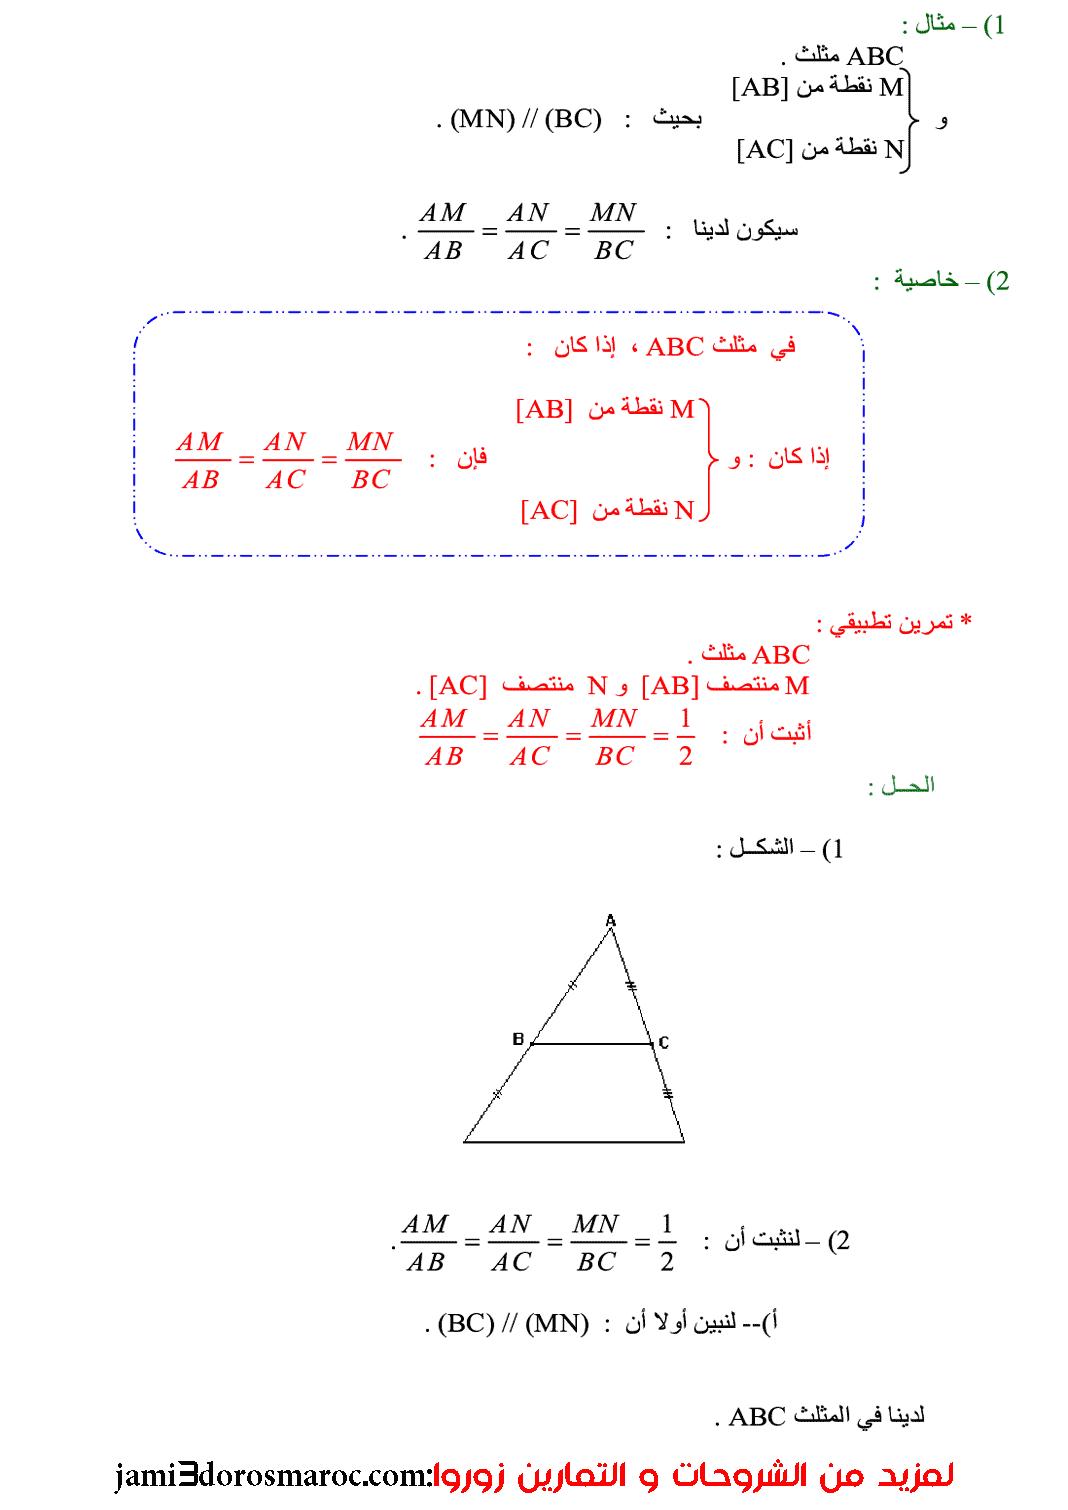 درس المستقيمات الموازية لأضلاع مثلث الثانية اعدادي